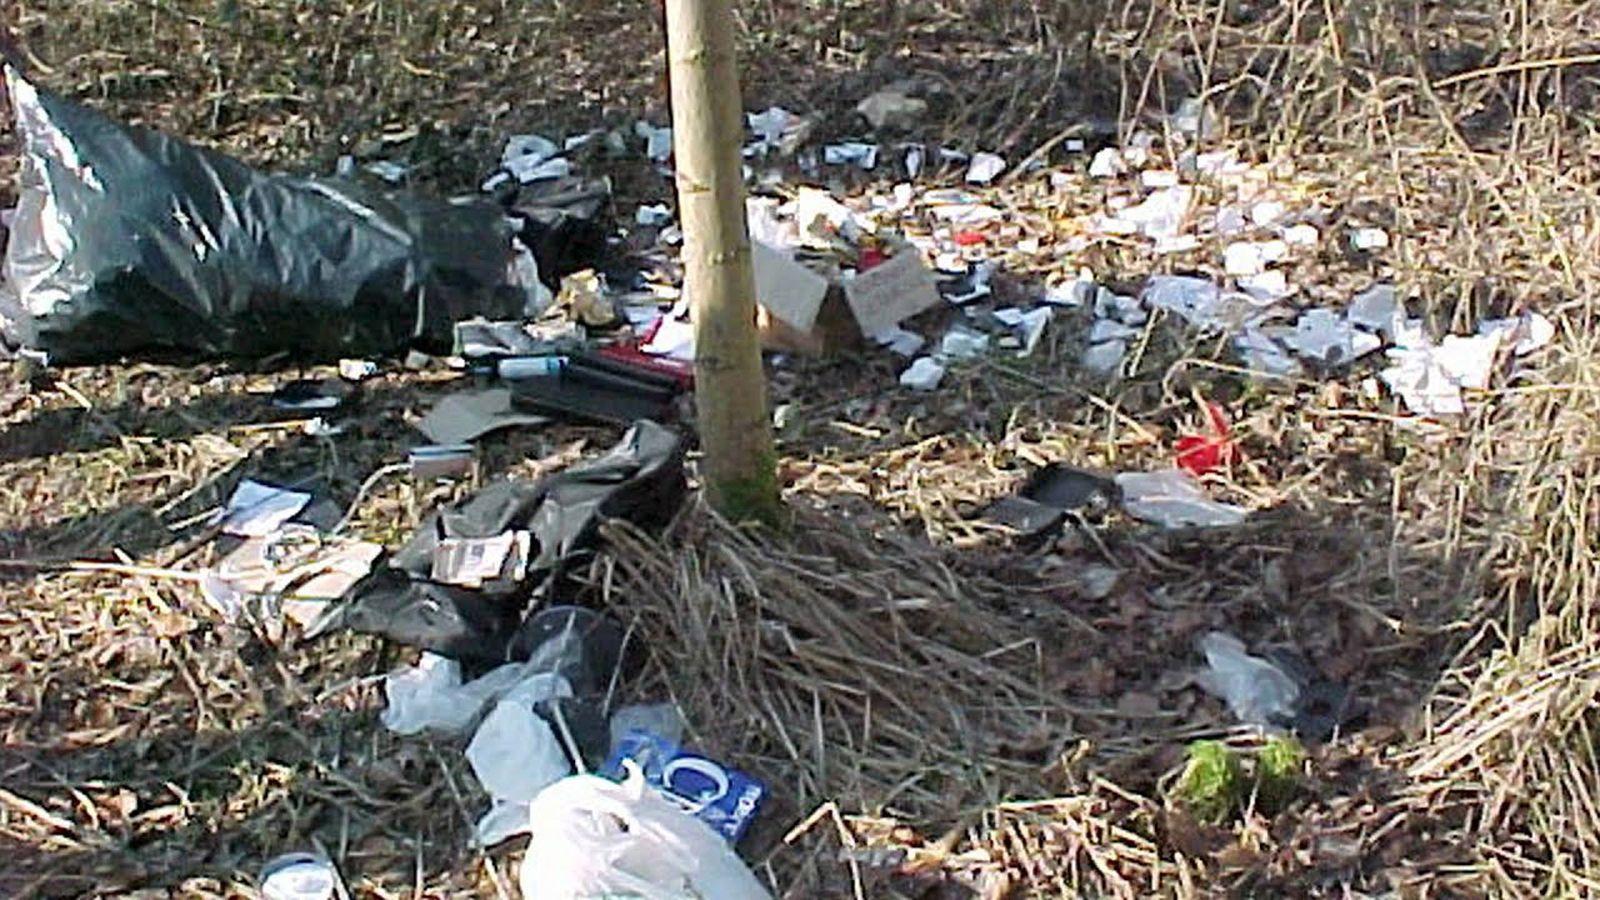 Lupiči udělali chybu, když v lese nespálili odpadky.